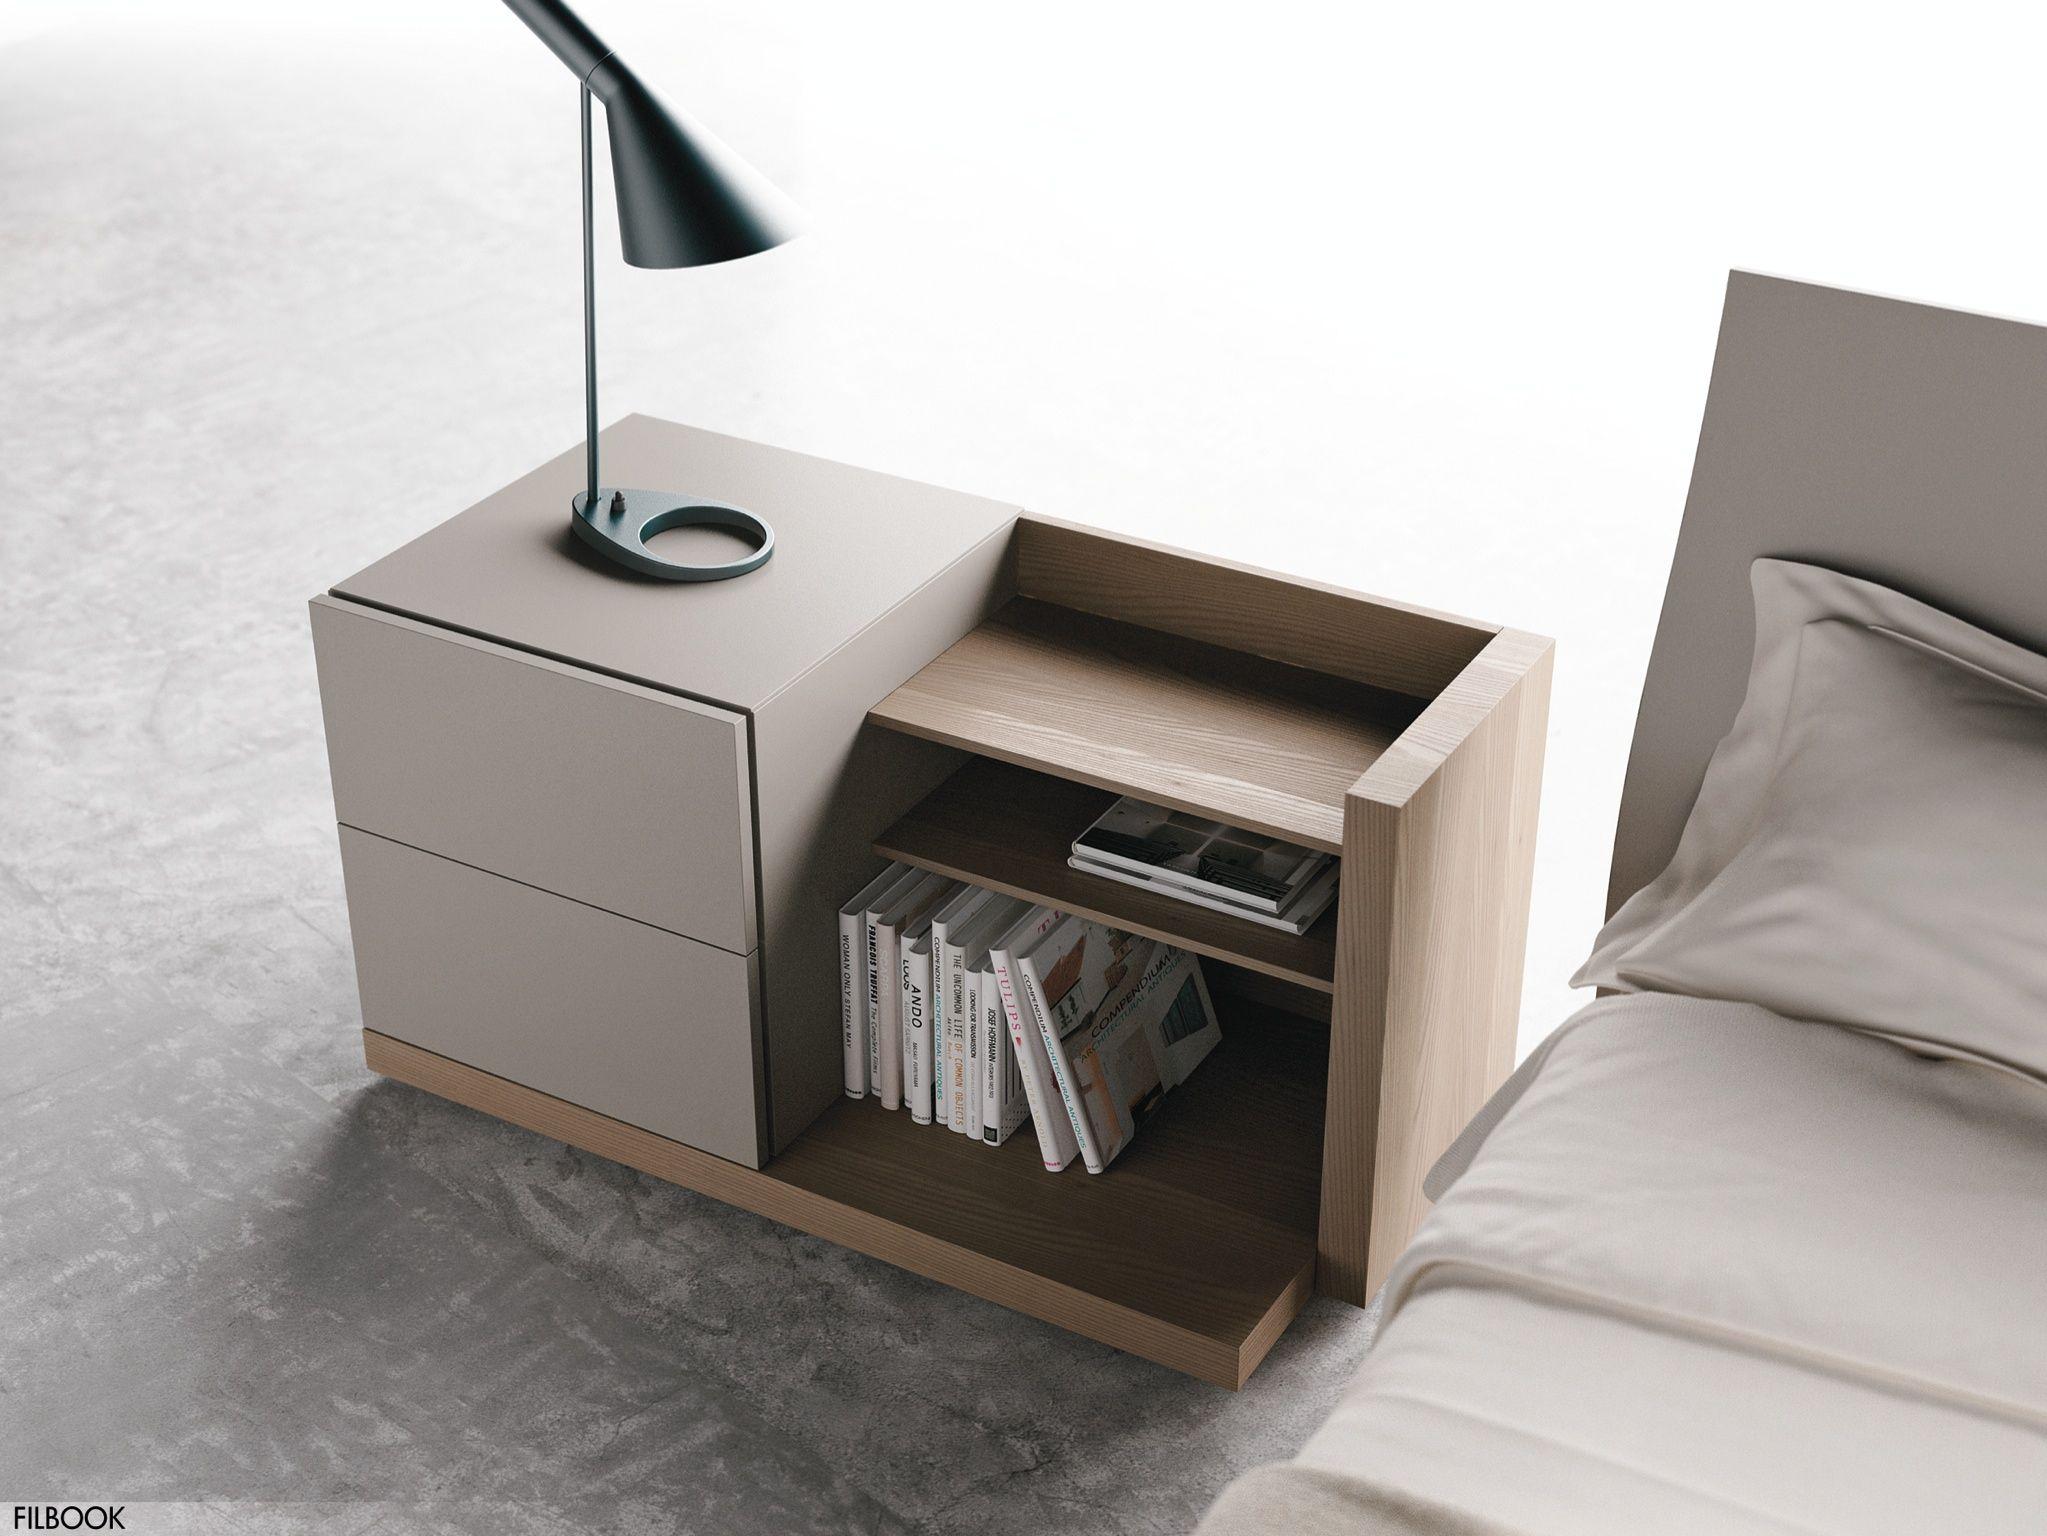 Comodino Con Libreria Filbook Comodini Camera Da Letto Idee Camera Da Letto Moderna Idee Per Interni